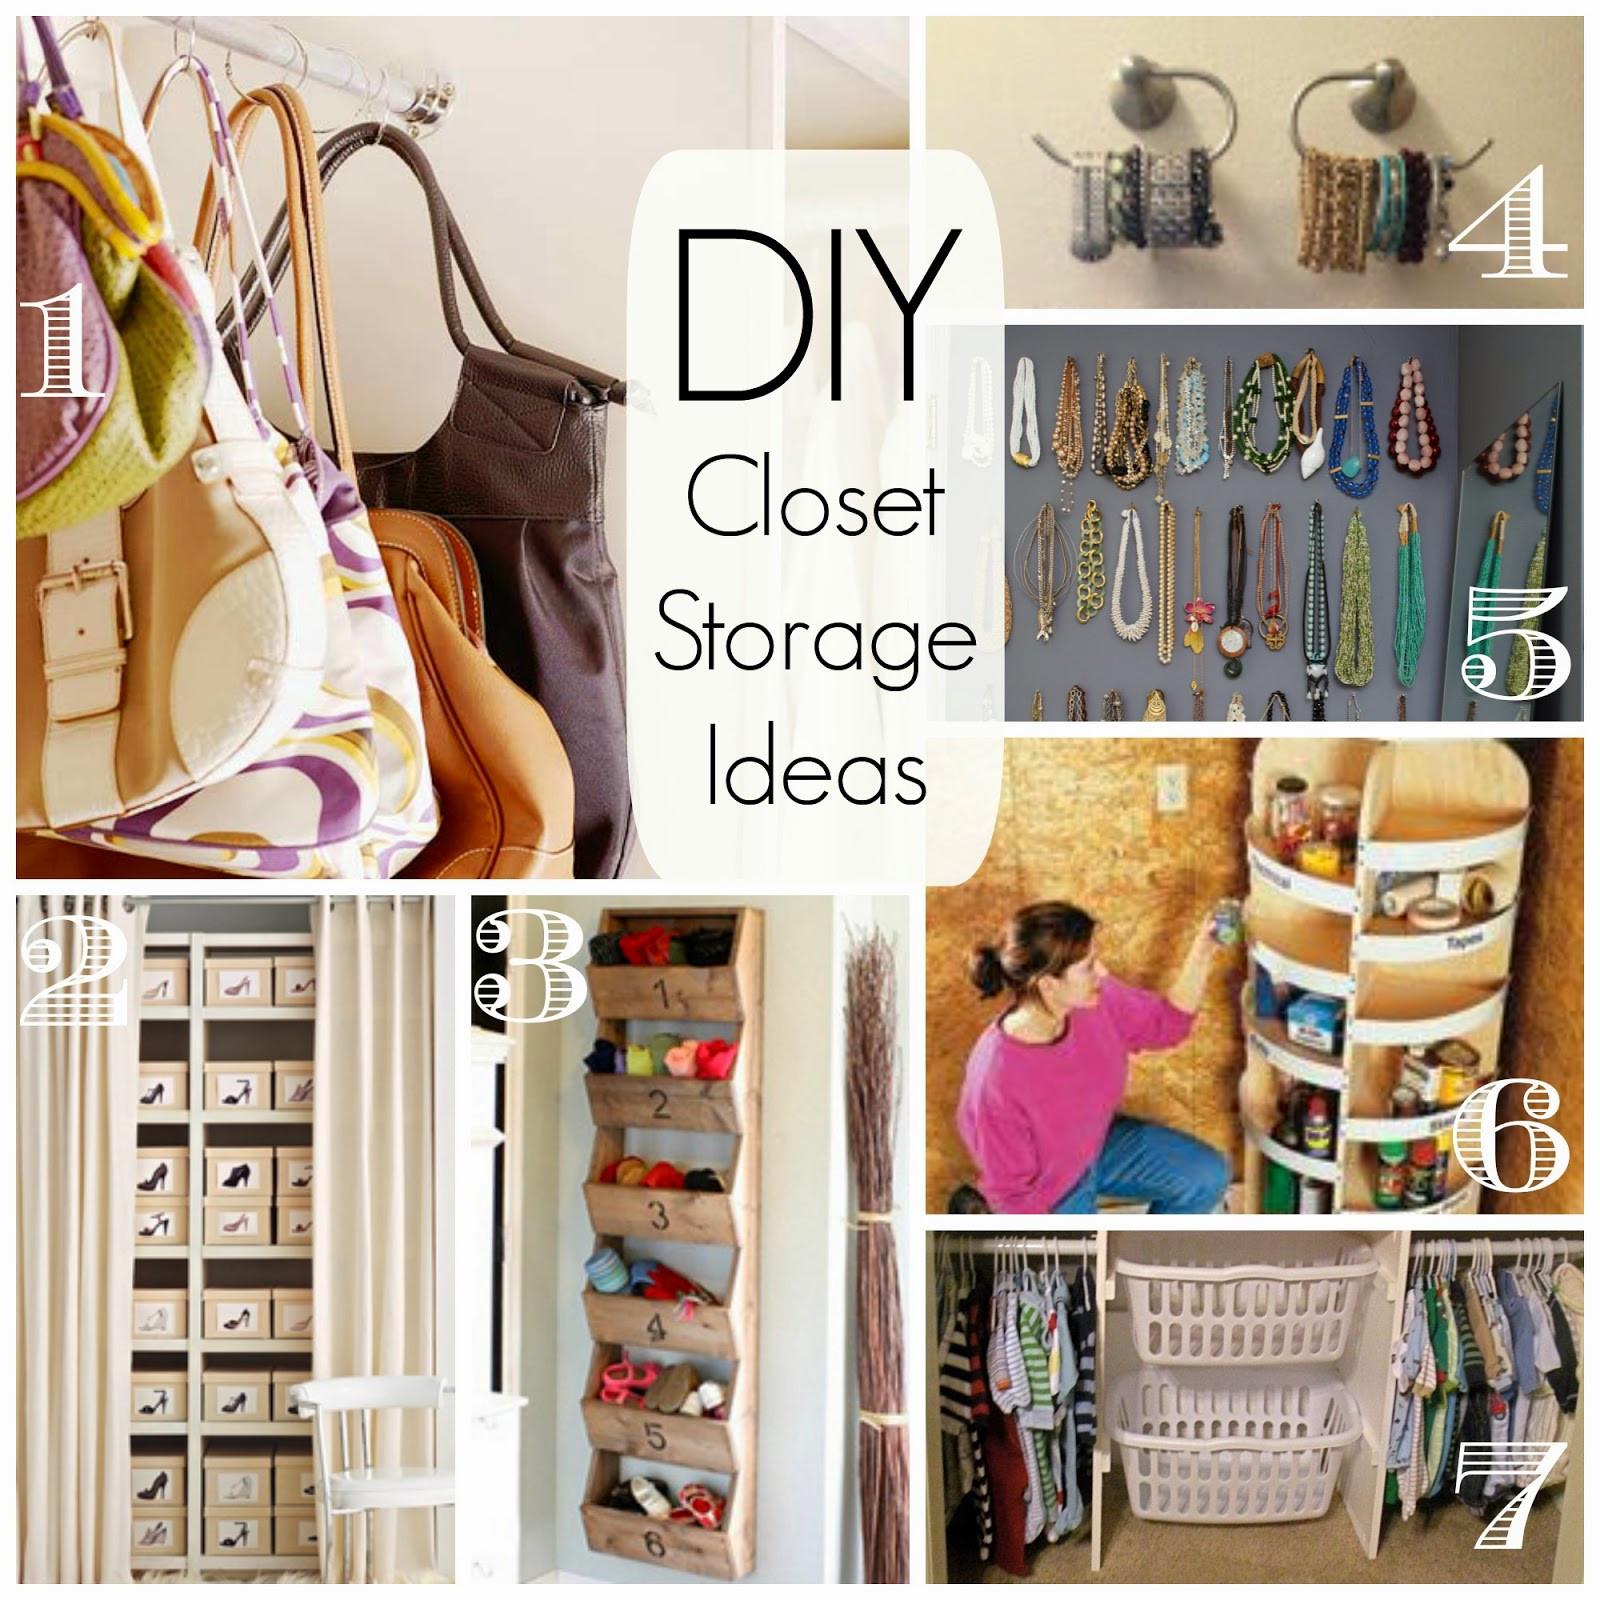 DIY Closet Organizer Ideas  How To Build A Closet OrganizerConfession